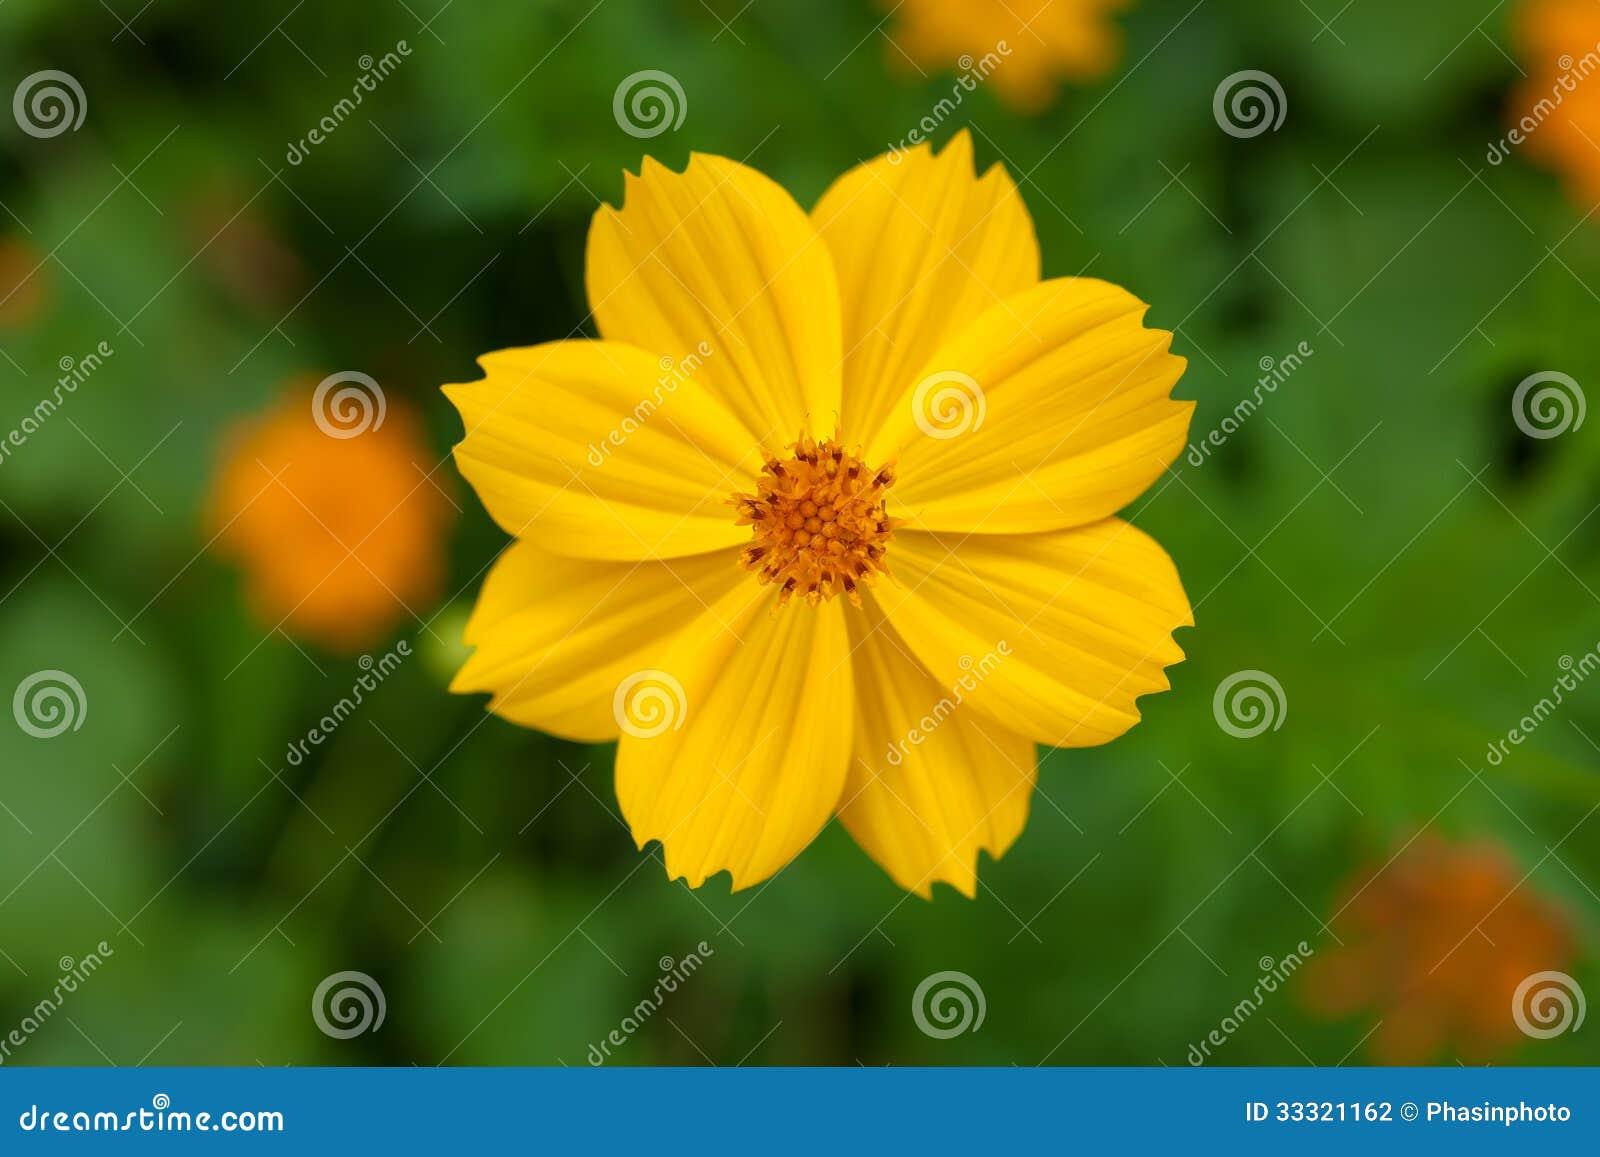 flor de jardim amarela:Flor Amarela Do Cosmea No Jardim Fotografia de Stock – Imagem